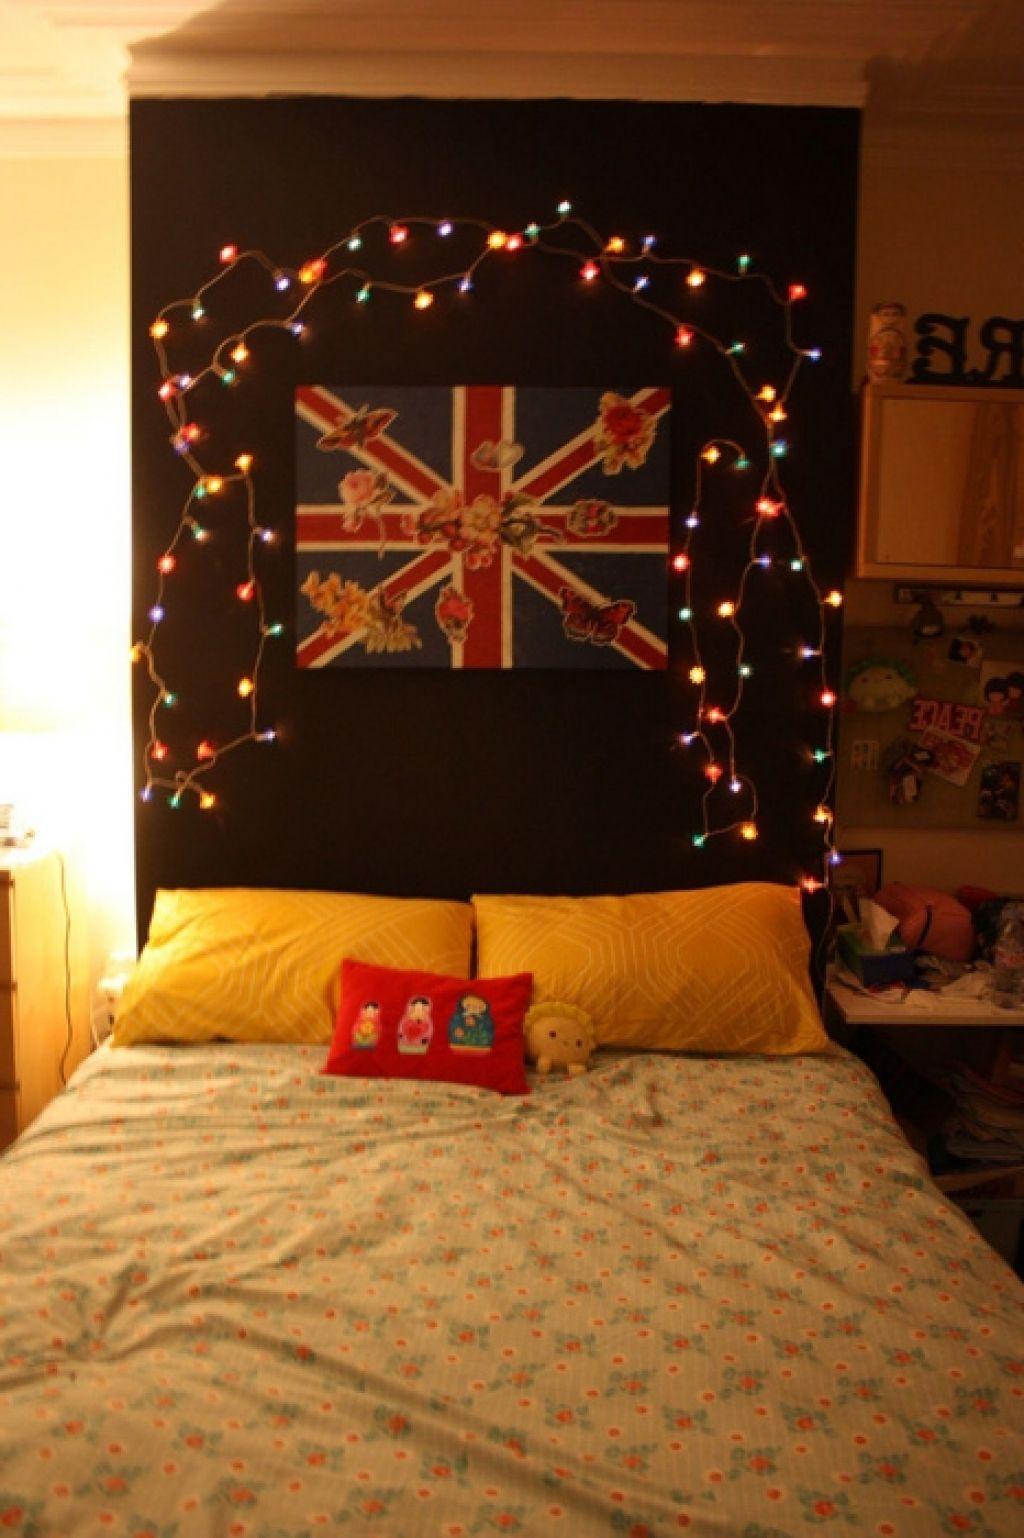 Hervorragend Weihnachtsbeleuchtung Im Schlafzimmer #Schlafzimmer